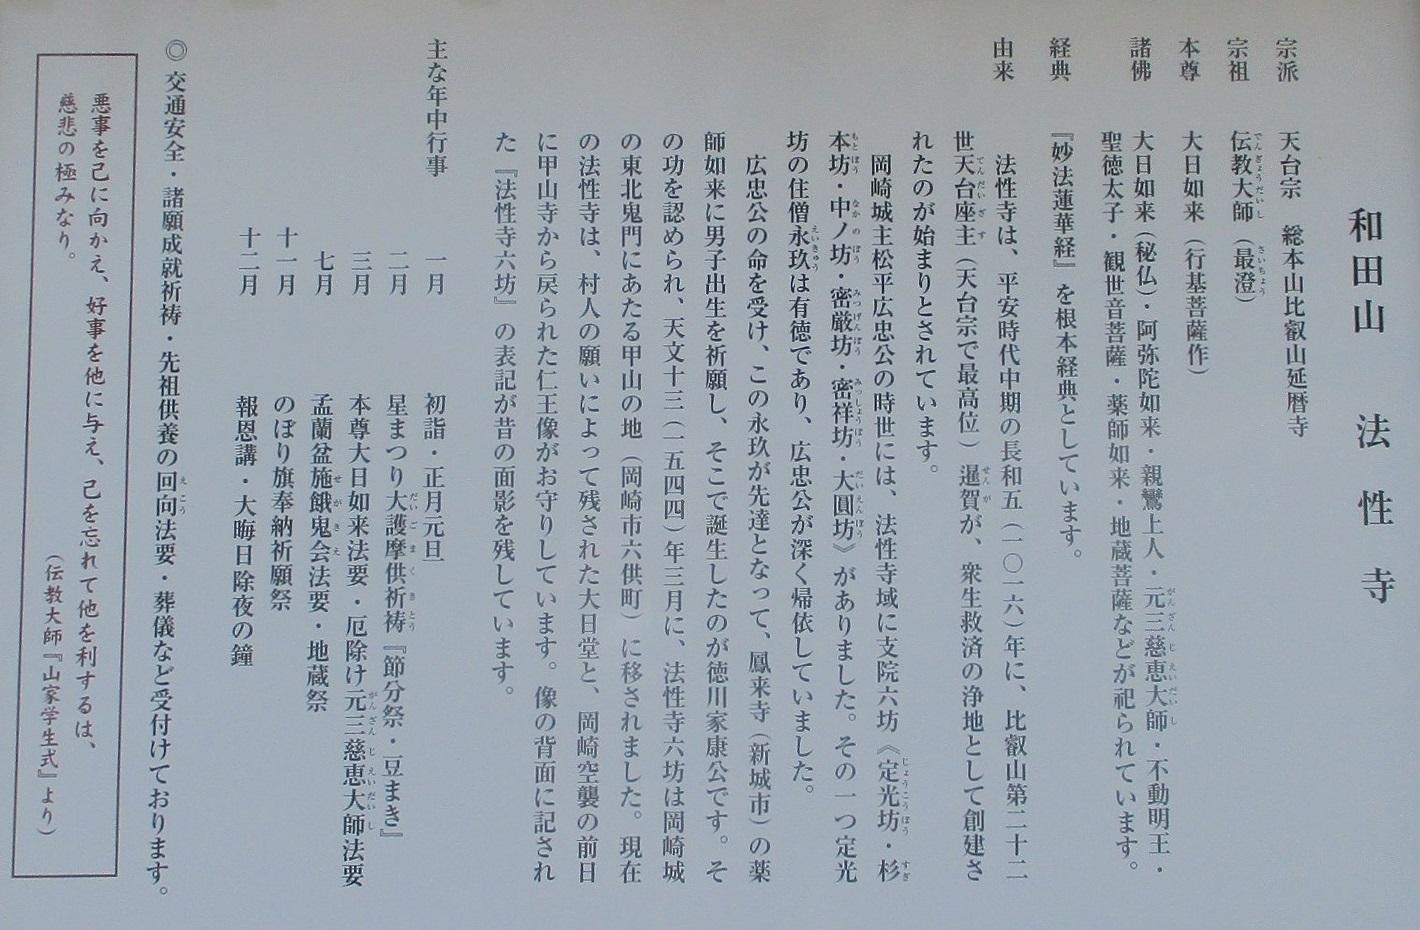 2020.4.28 (7-1) 法性寺 - 由緒がき 1420-930